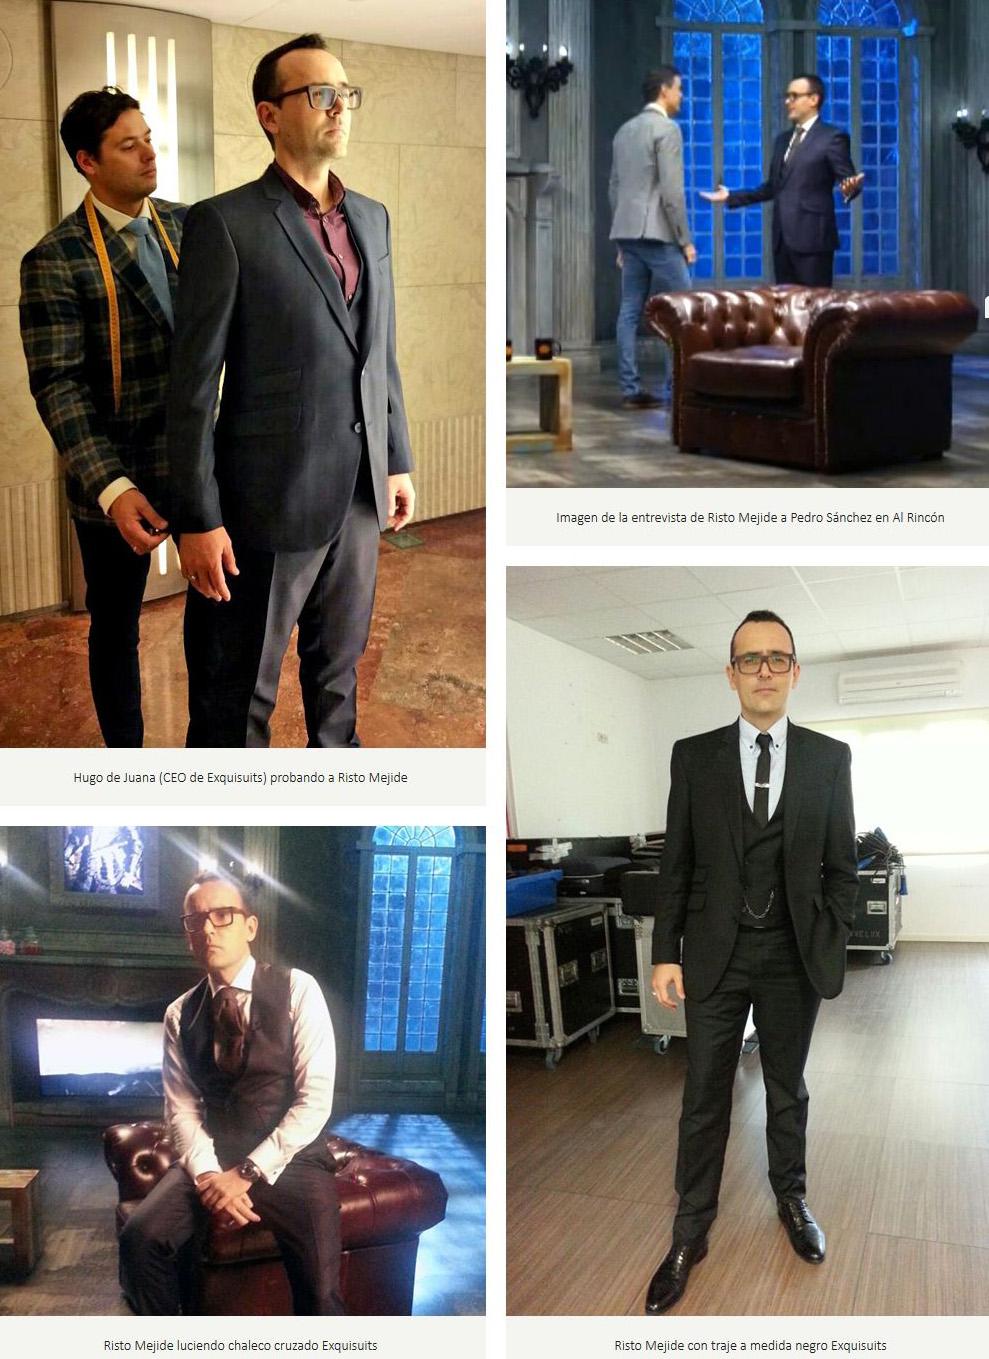 Risto mejide confía en Trajes a Medida Exquisuits para sus entrevistas en Al Rincón